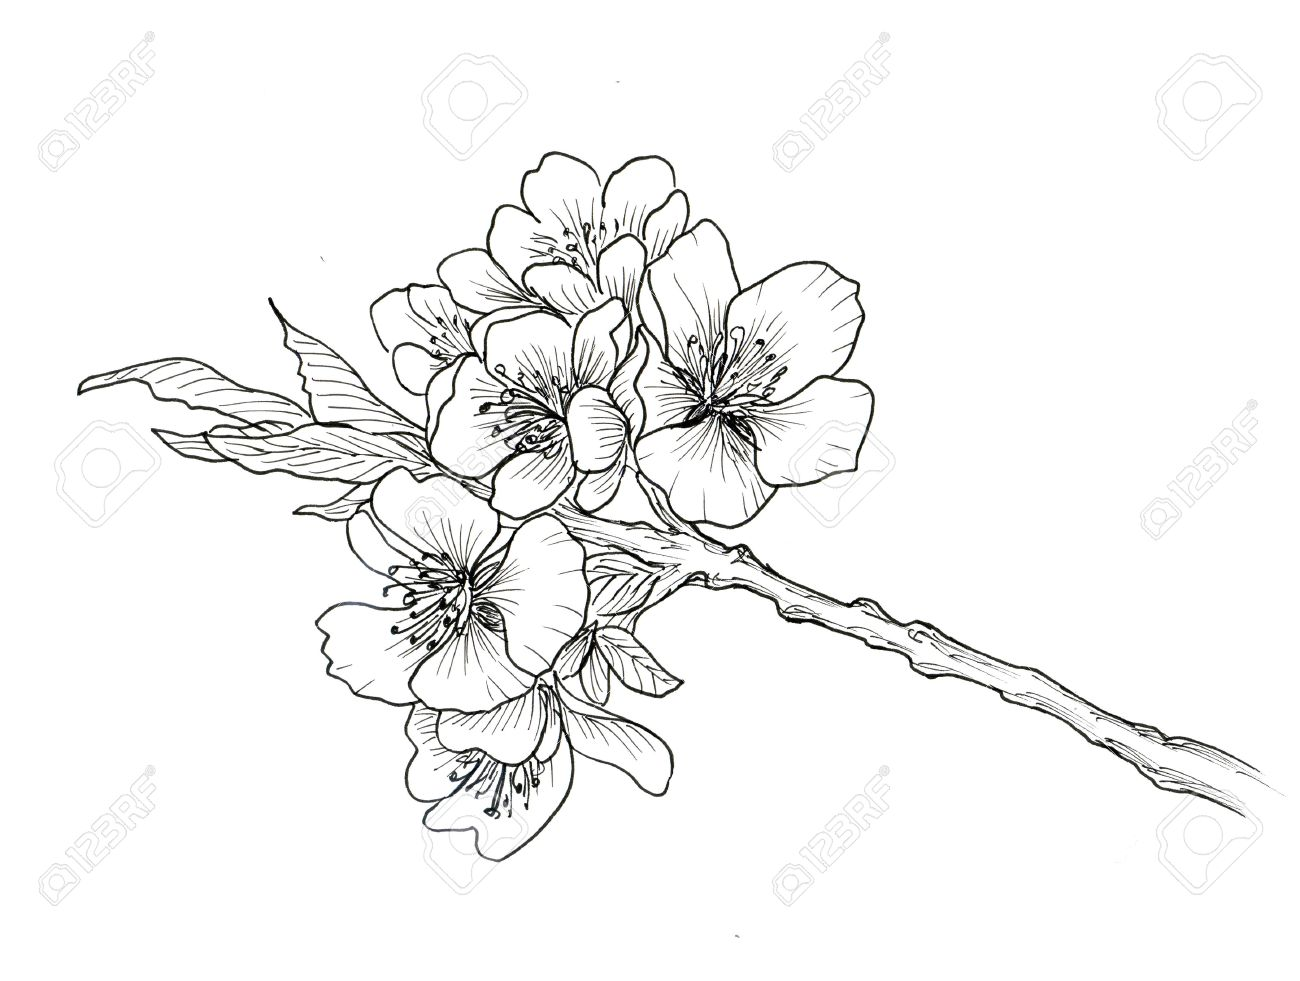 """Ǚ½ã""""背景に分離された桜の手描き下ろし支店 Á®å†™çœŸç´æ ǔ»åƒç´æ Image 54447734"""